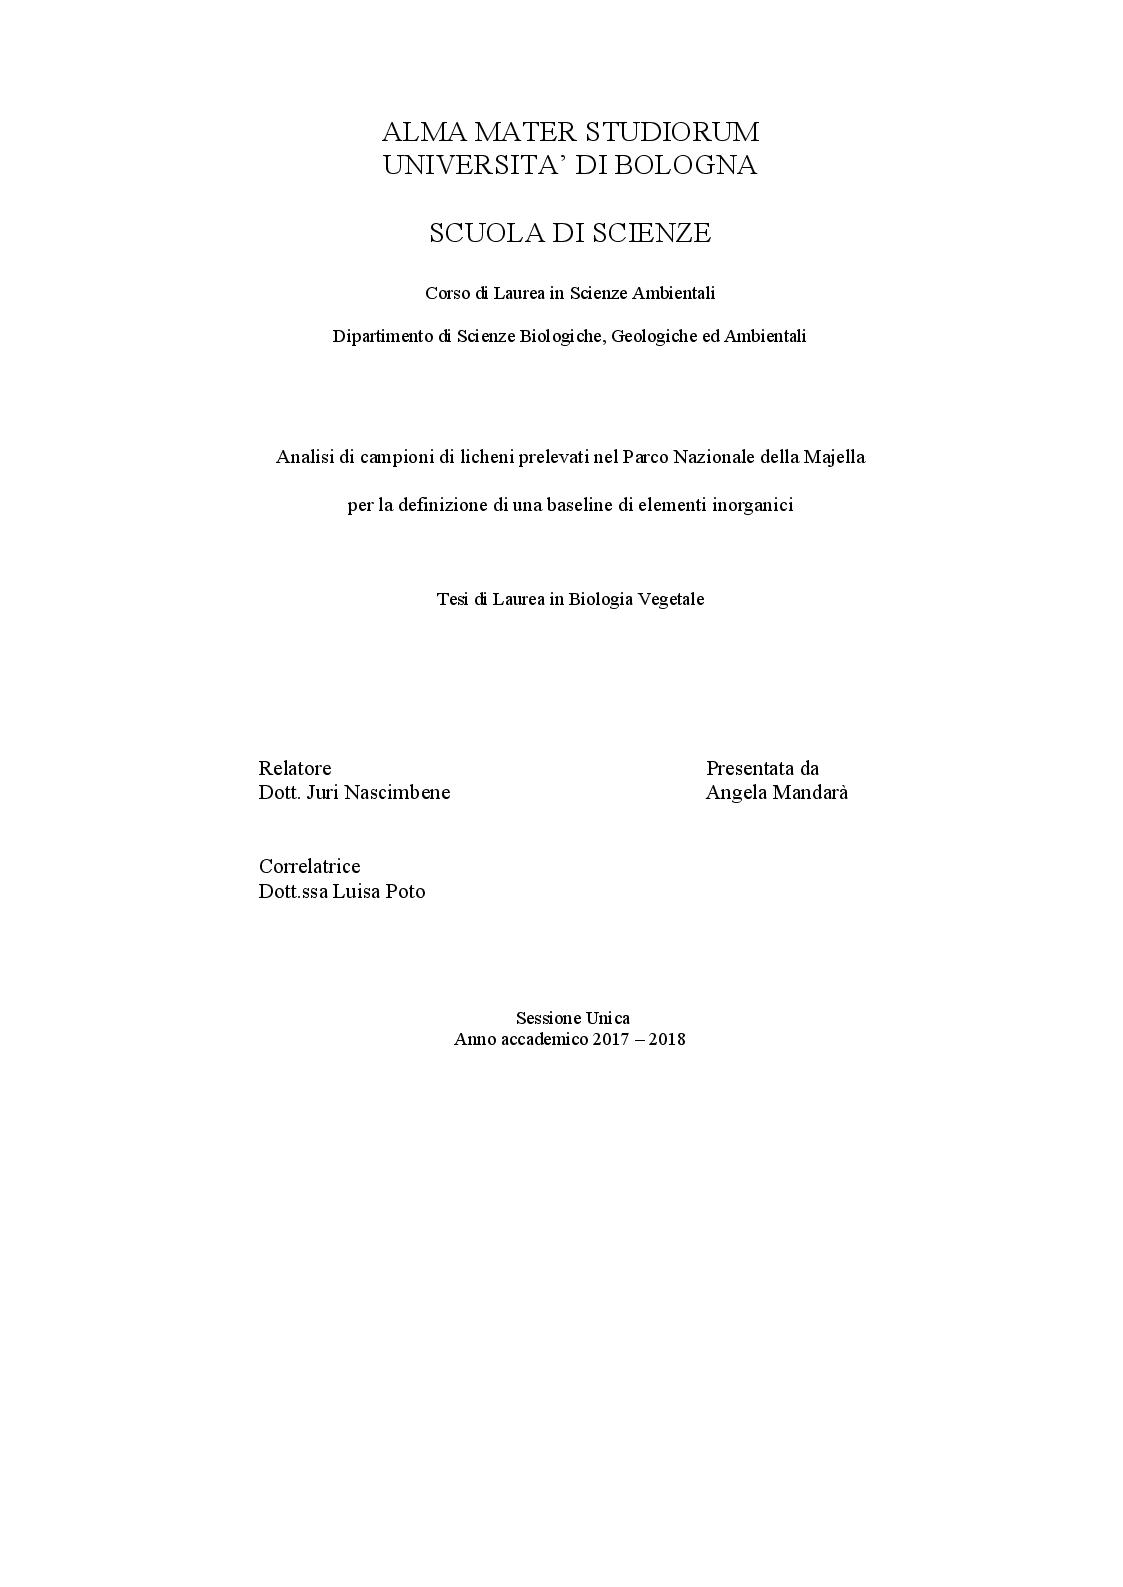 Anteprima della tesi: Analisi di campioni di licheni prelevati nel Parco Nazionale della Majella per la definizione di una baseline di elementi inorganici, Pagina 1